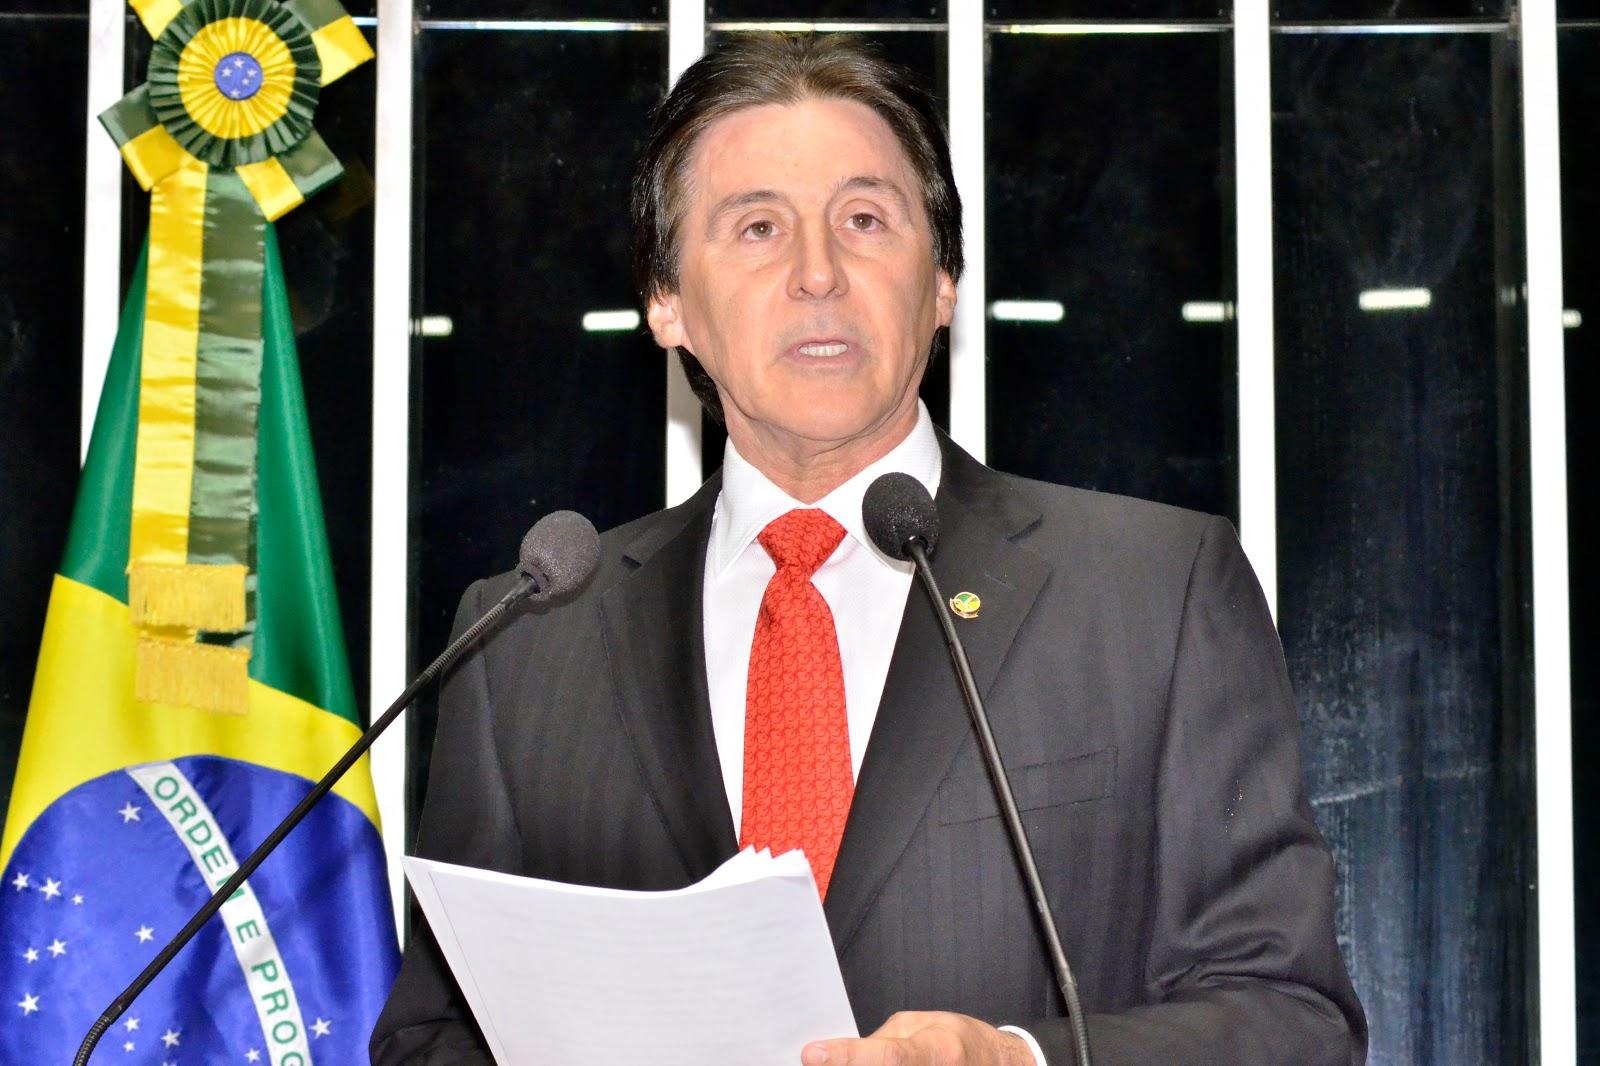 O senador Eunício Oliveira, Presidente do Senado é internado na UTI após desmaio